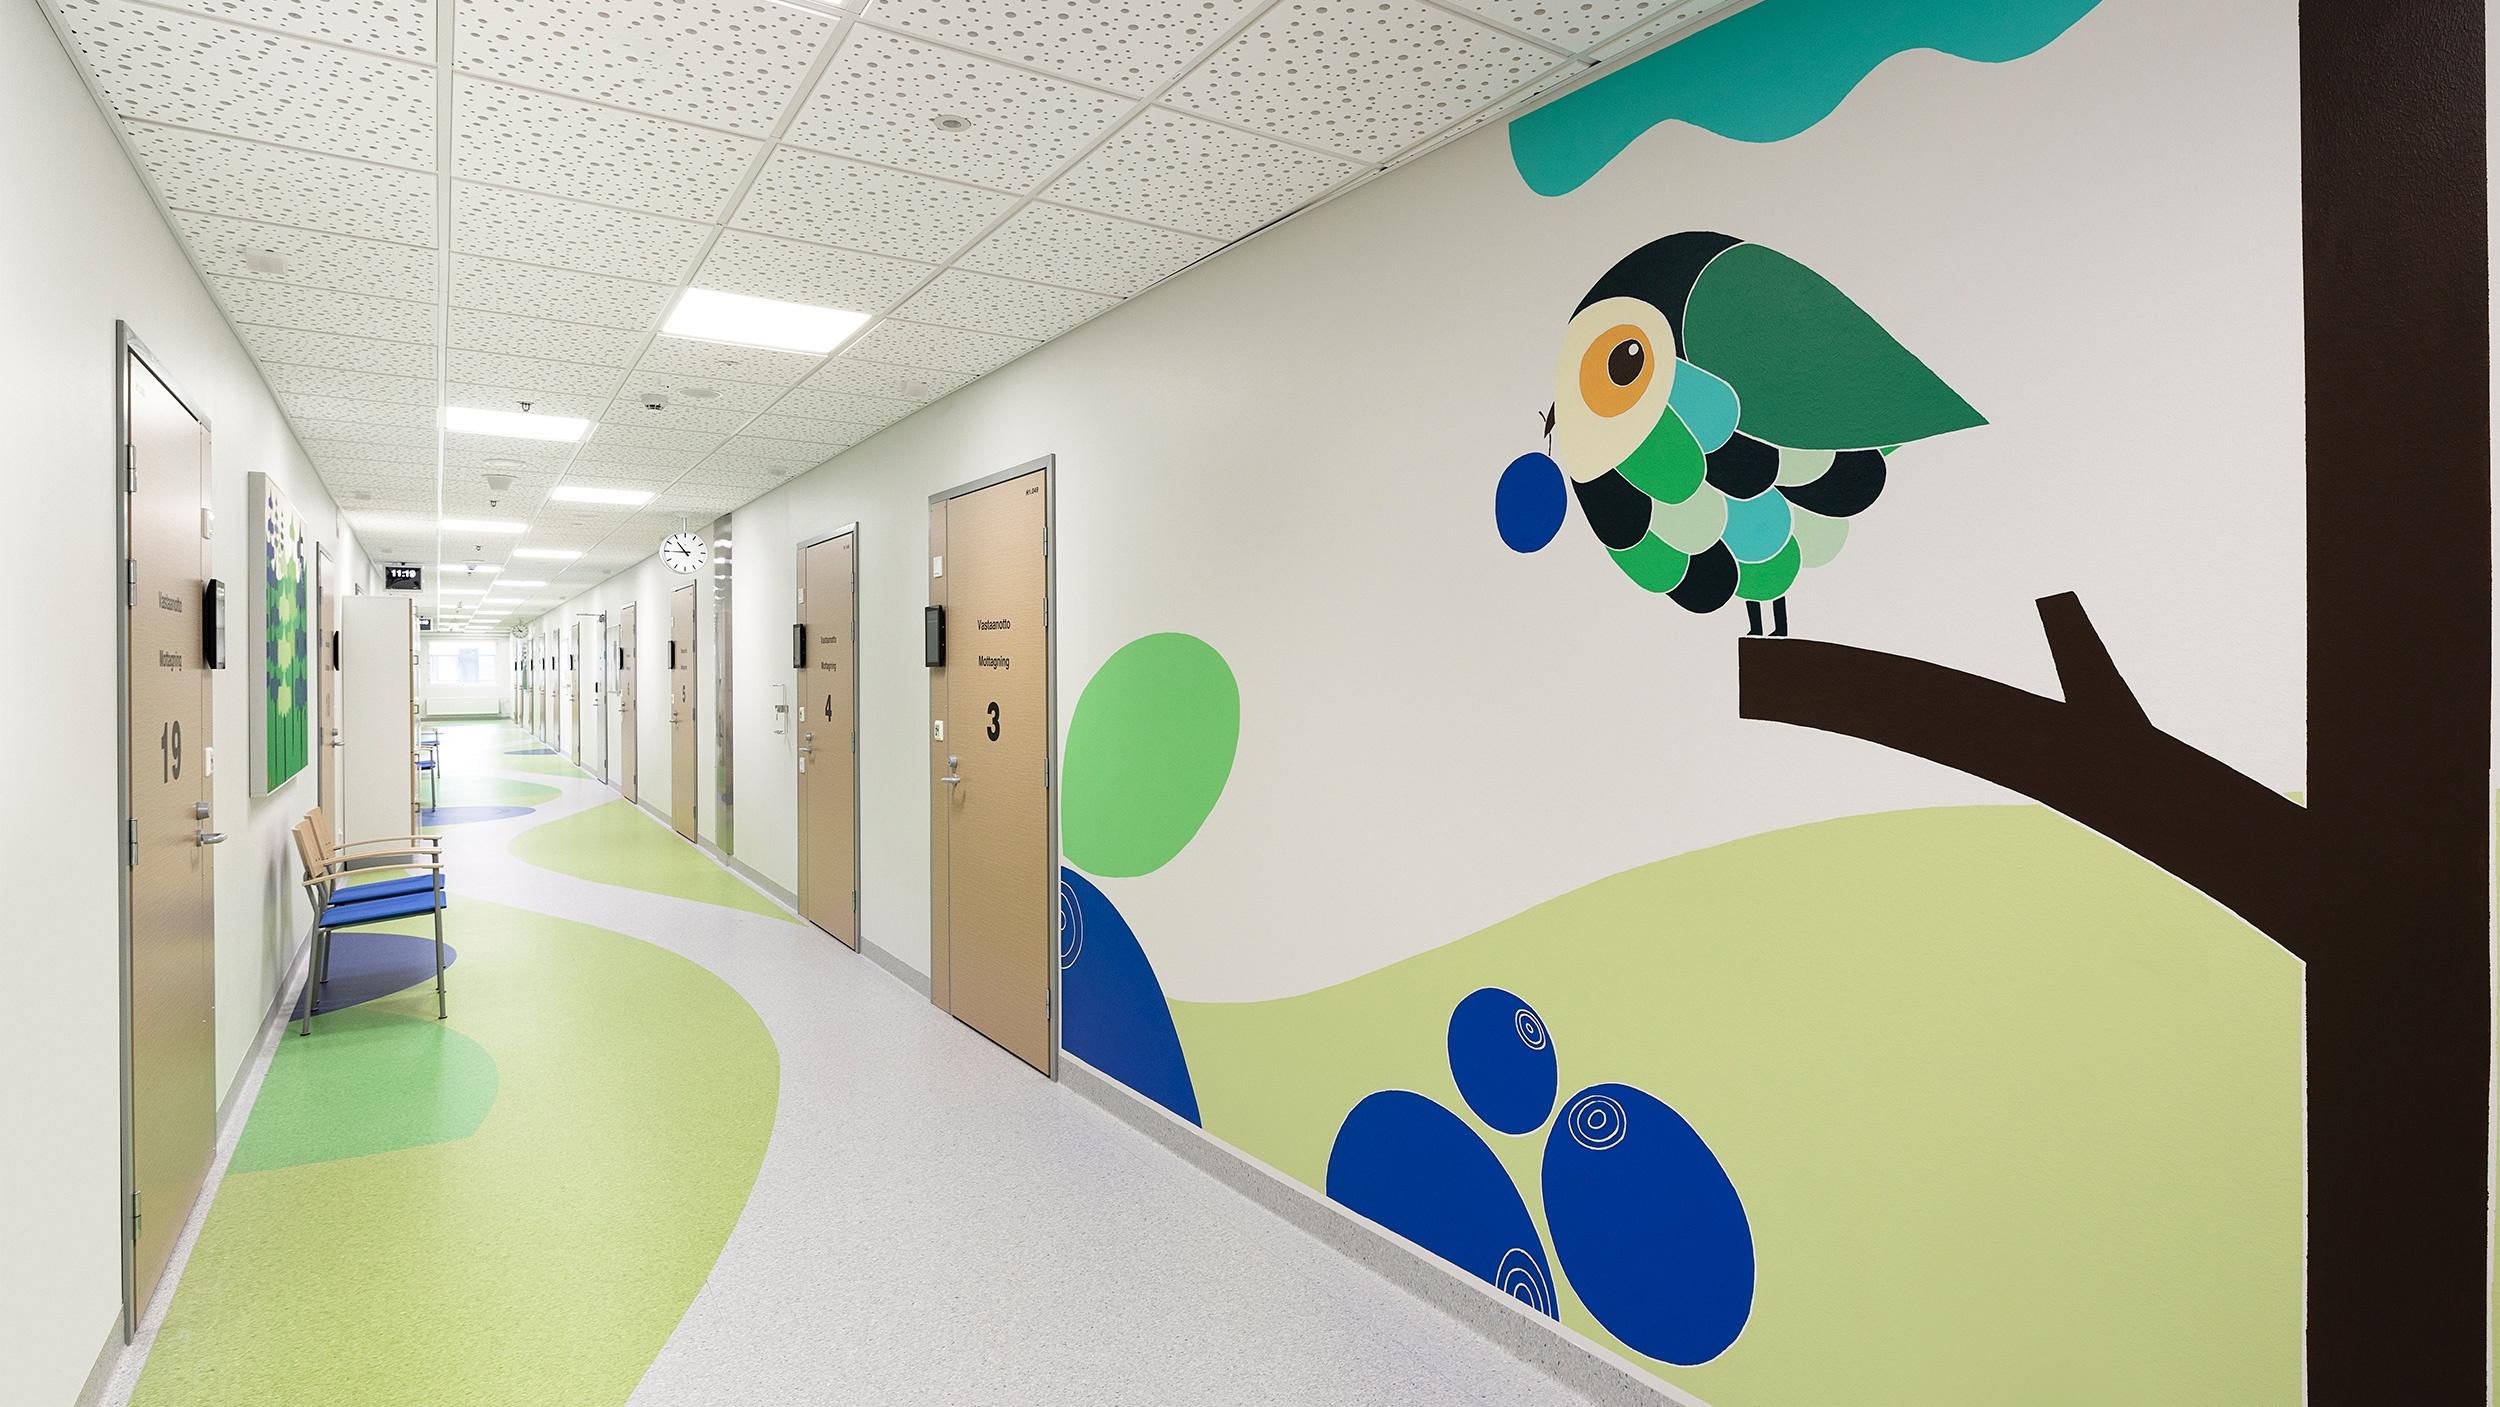 Sairaalan käytävät saavat elämää taiteesta Hyvinkään sairaalan lastenosastolla.